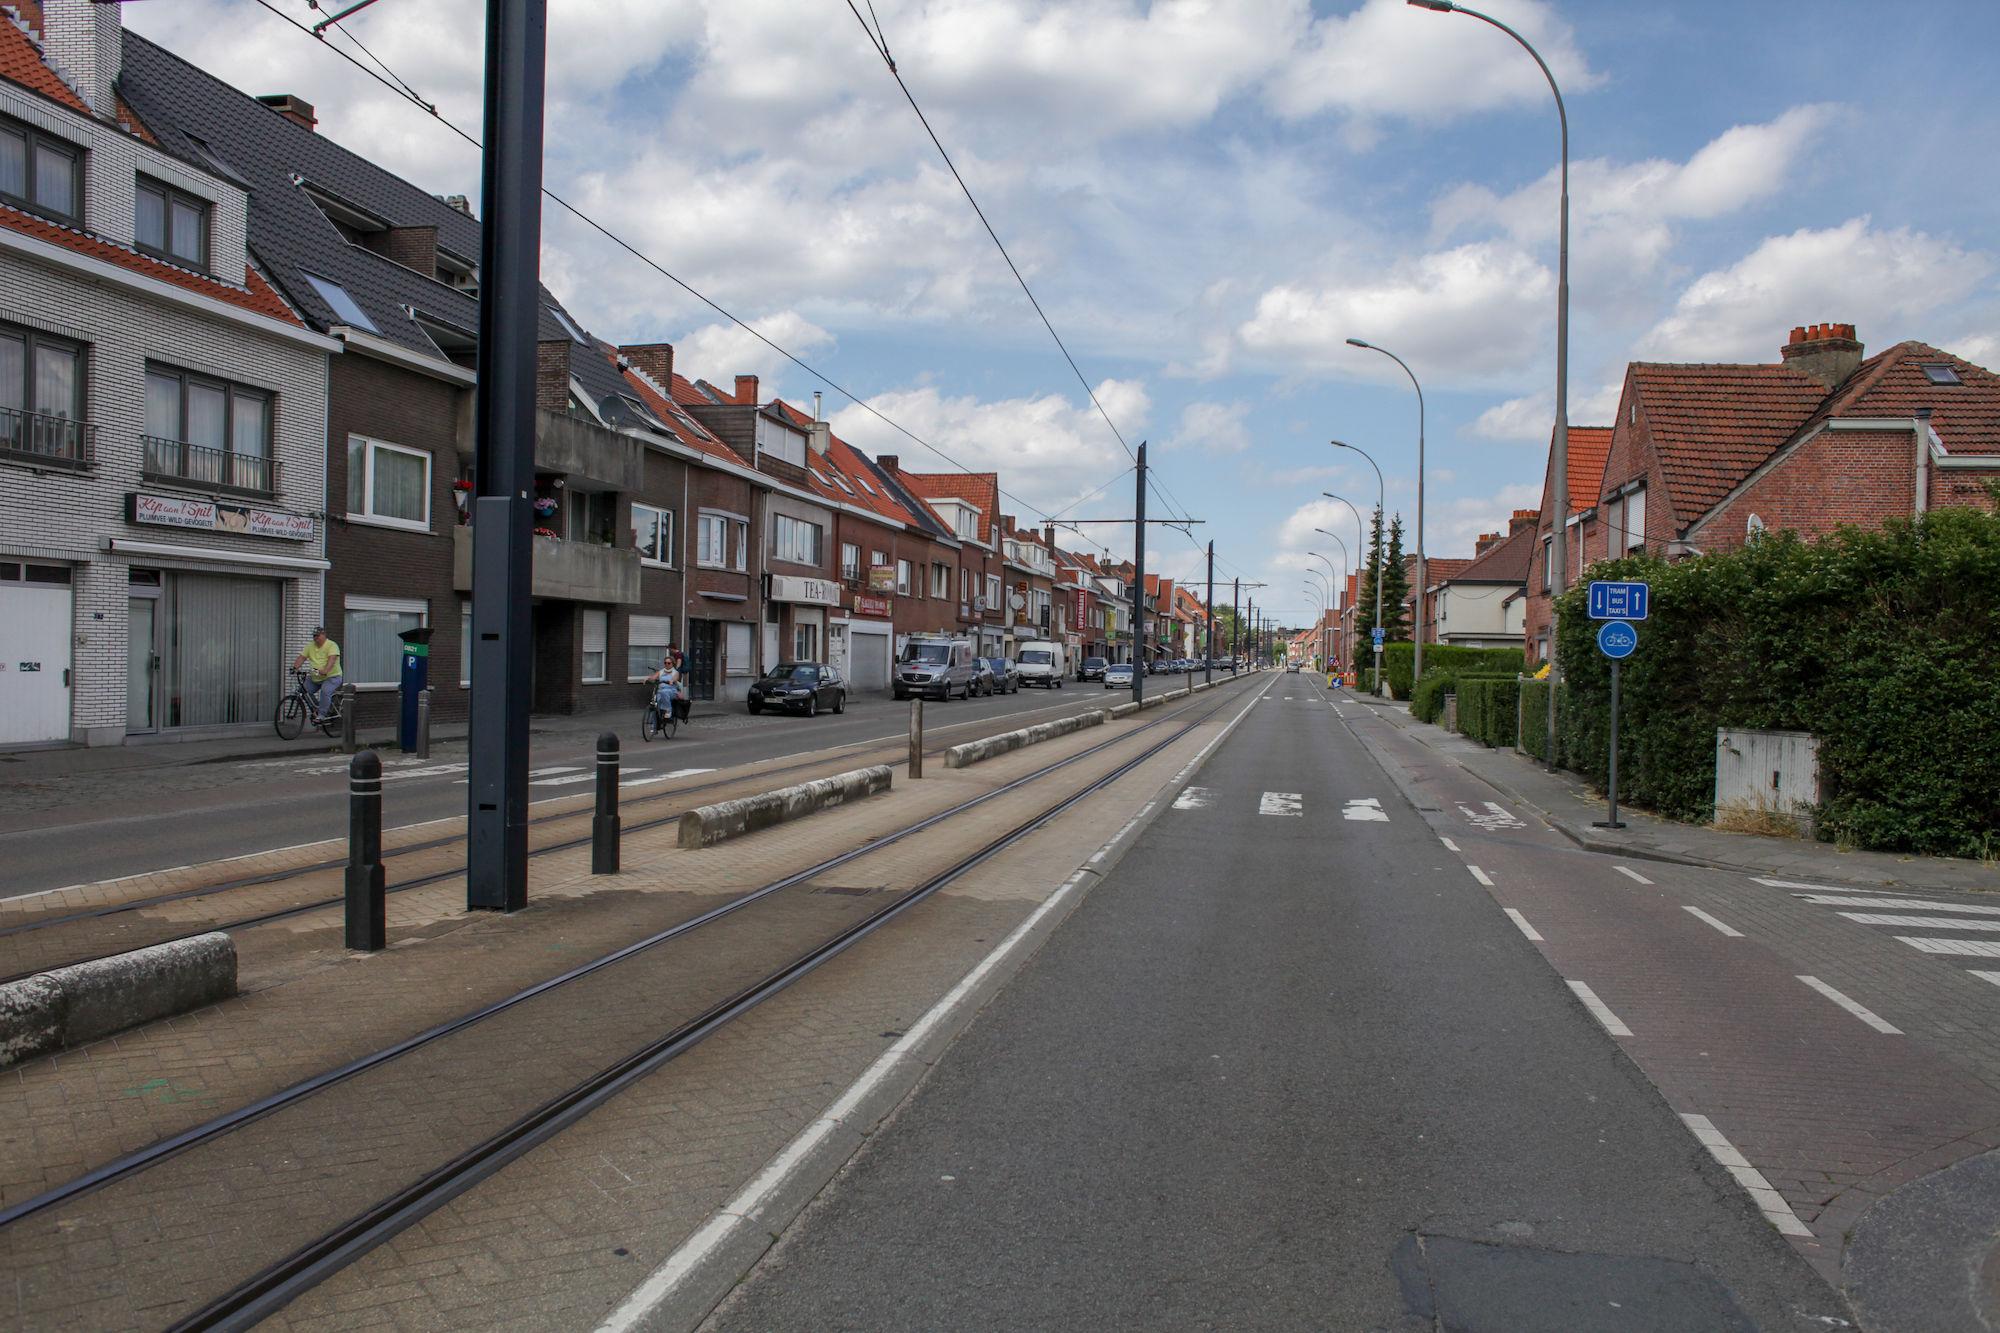 2019-07-01 Nieuw Gent prospectie met Wannes_stadsvernieuwing_IMG_0261-3.jpg